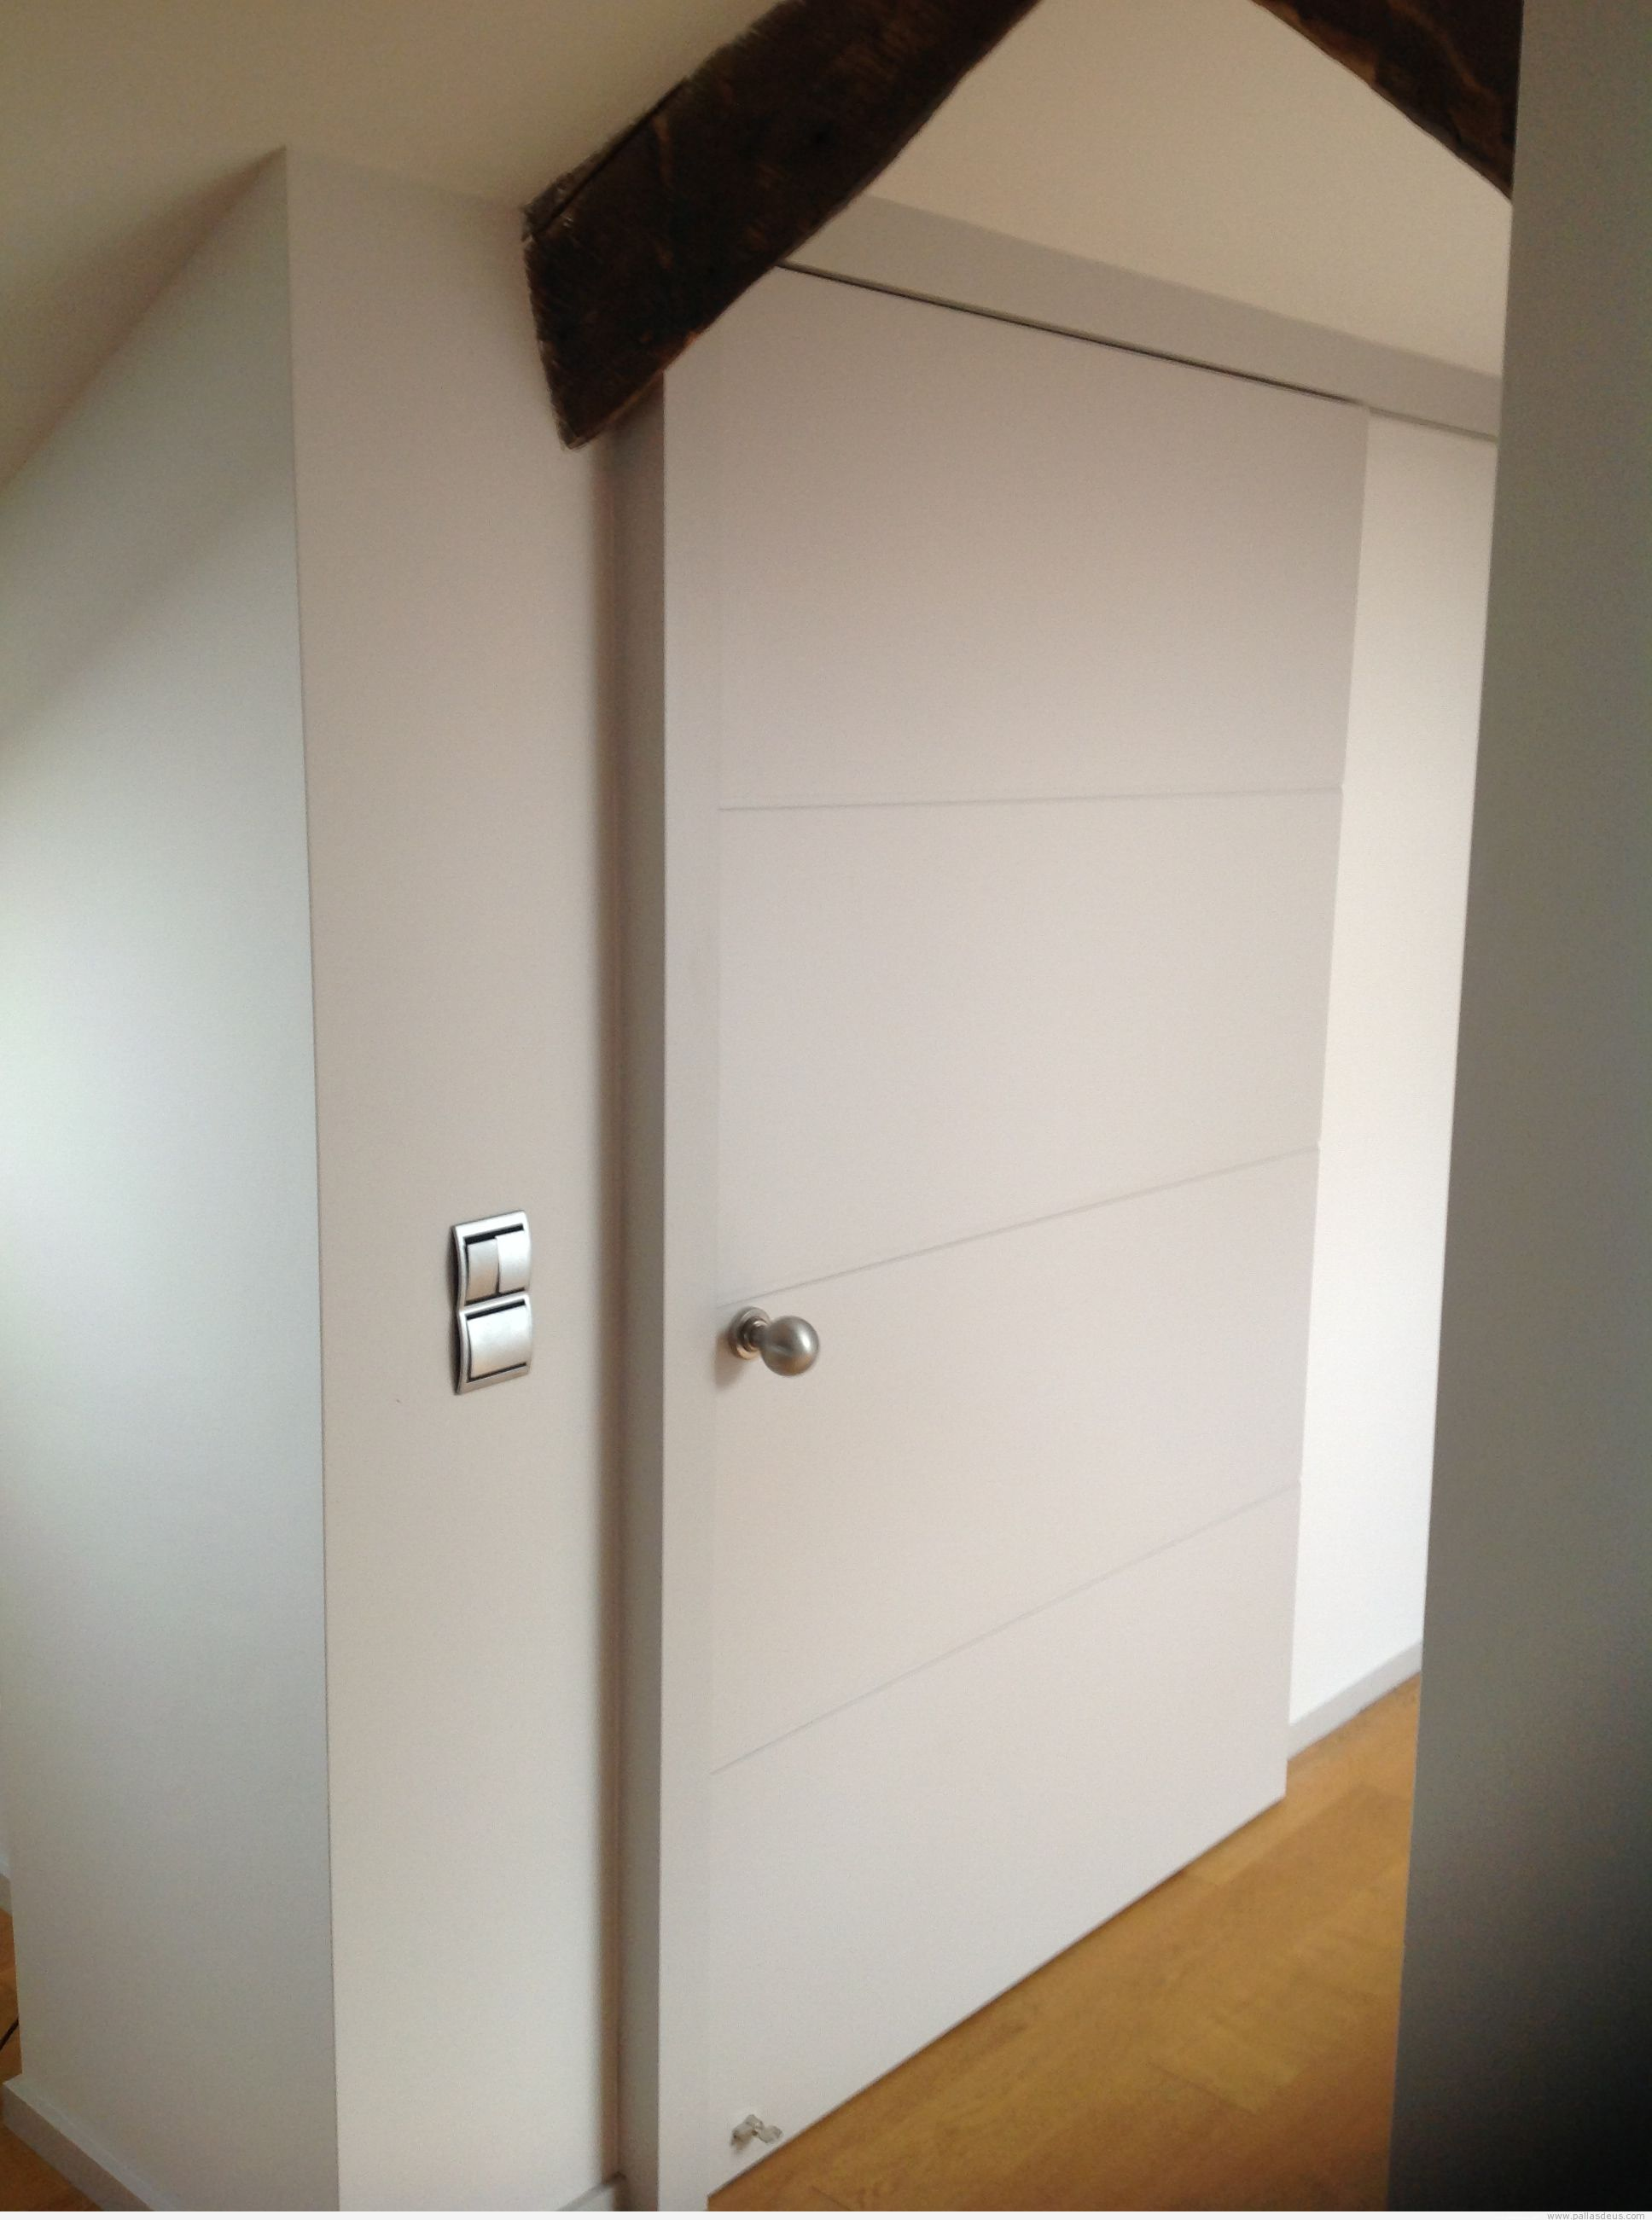 Puertas correderas lacadas en blanco trendy fabricamos - Puertas correderas abatibles ...